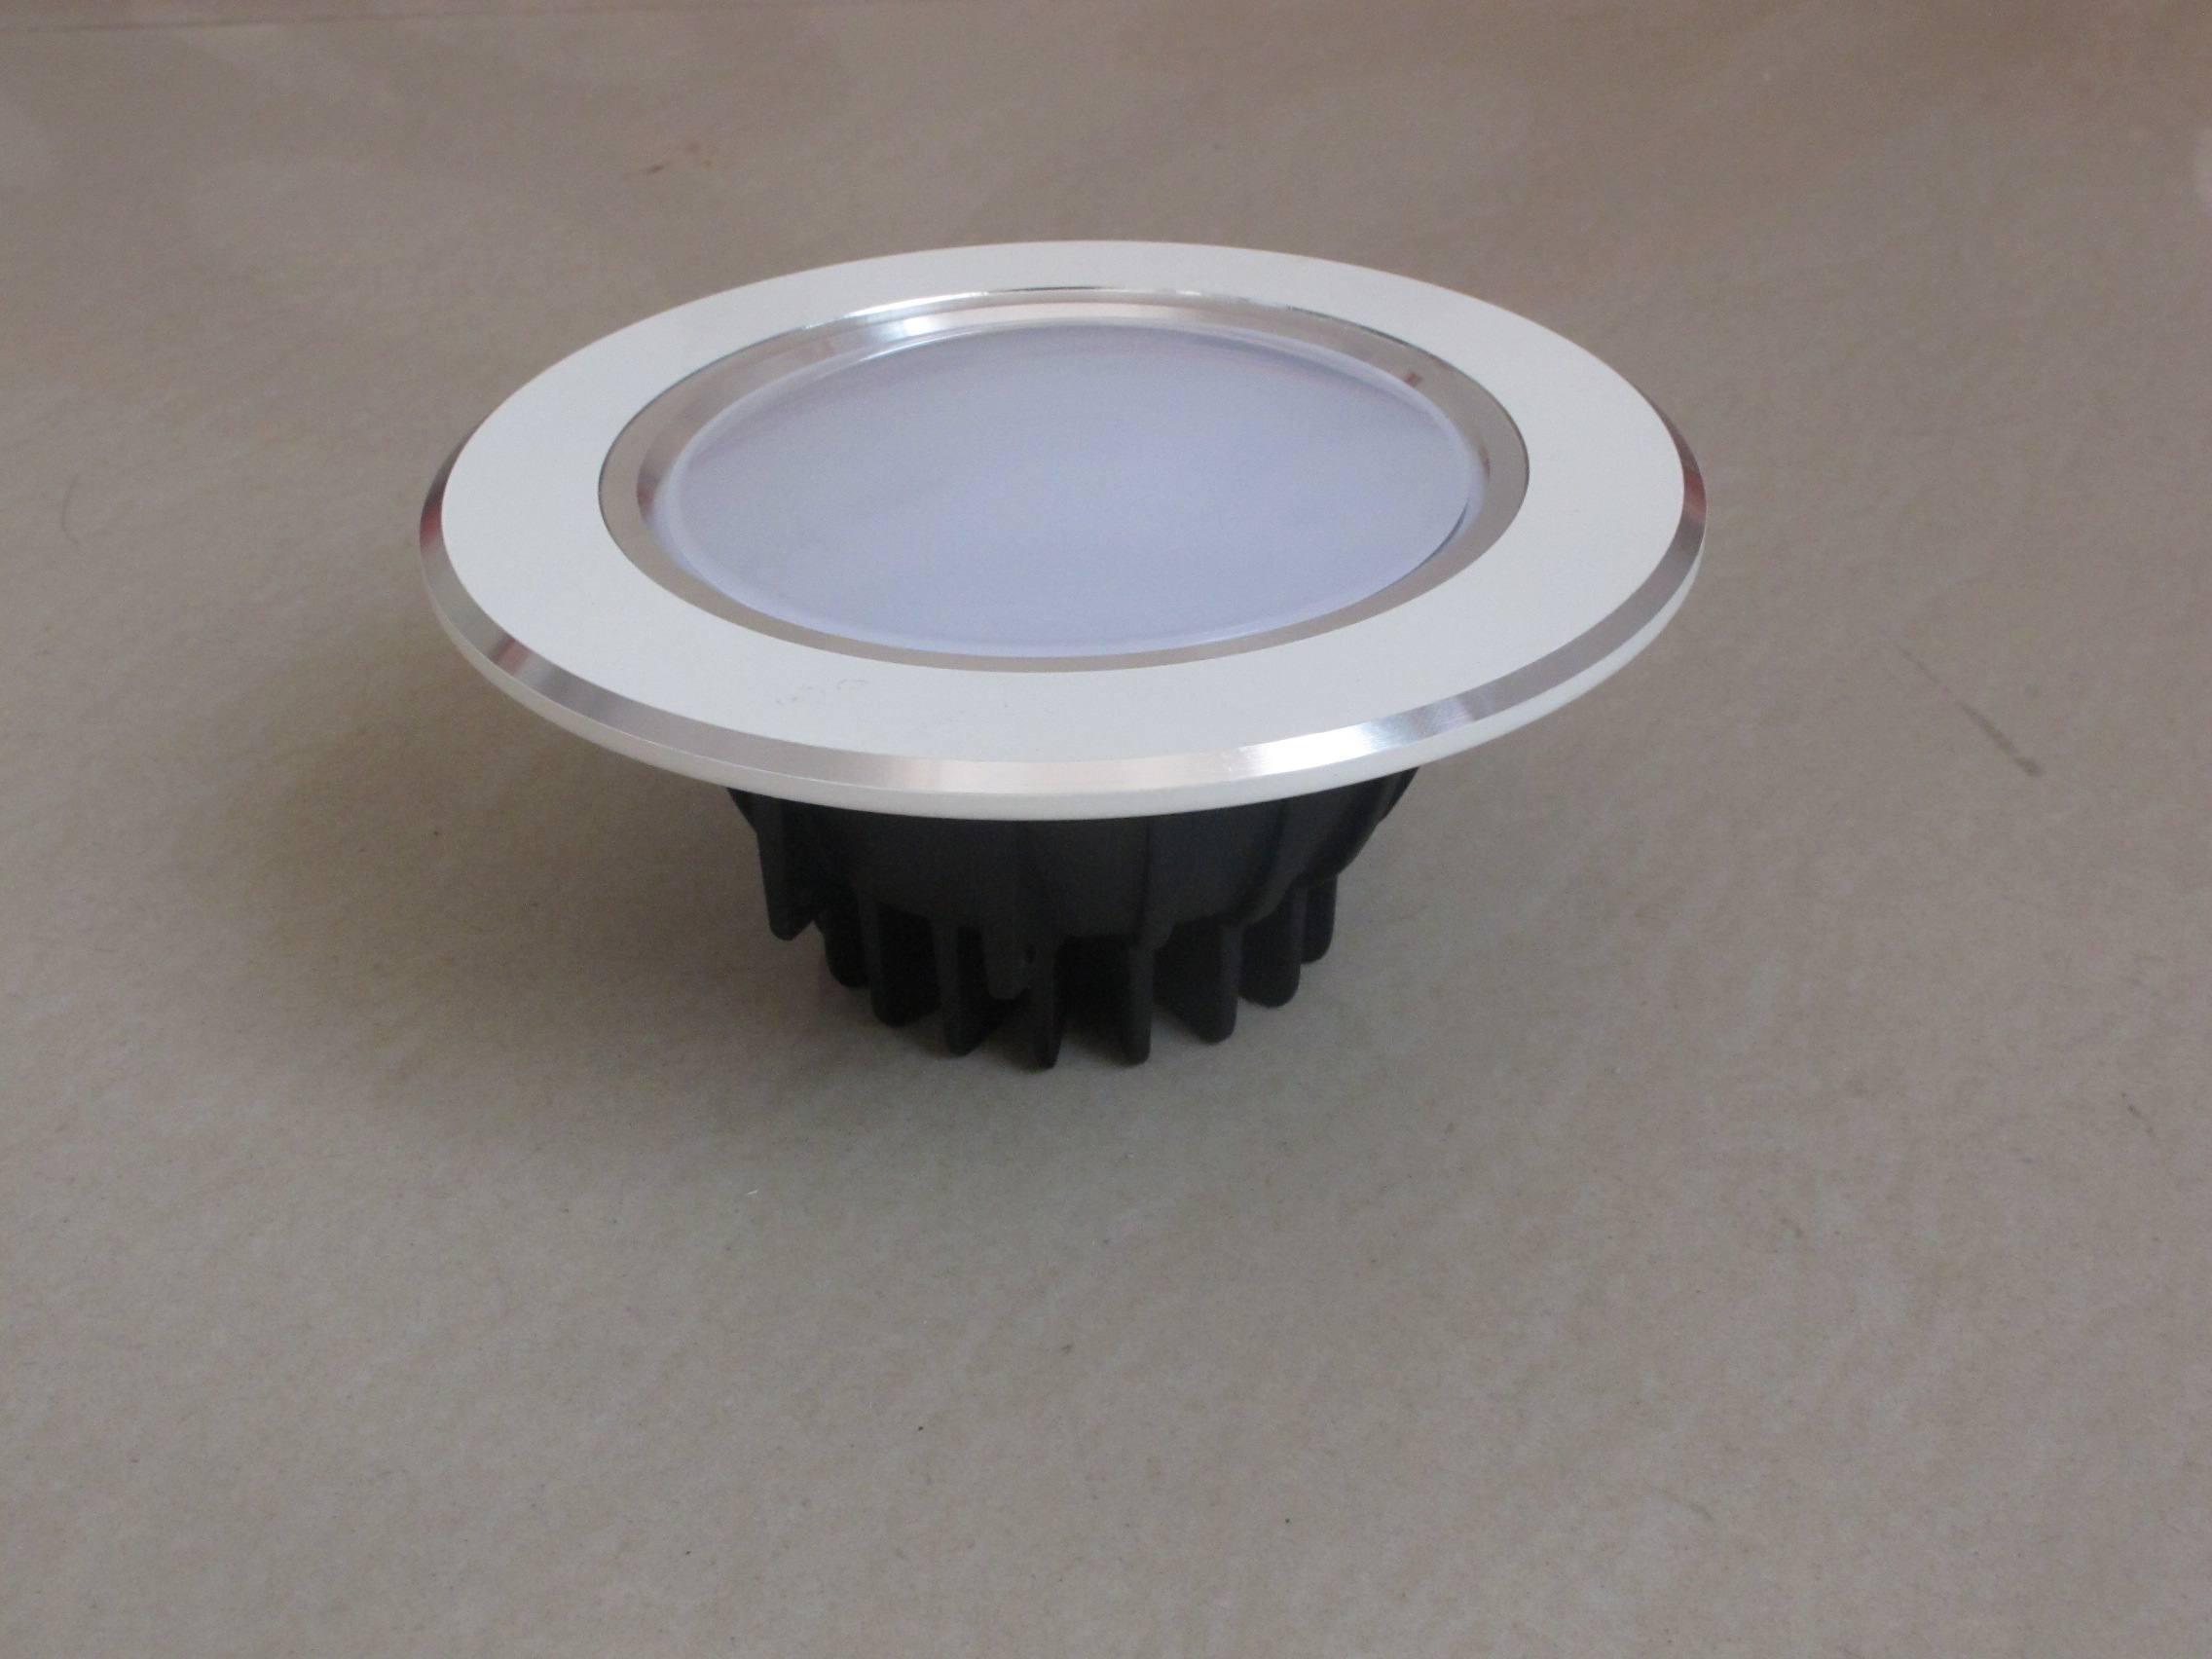 筒灯安装顺序—筒灯安装顺序和注意事项